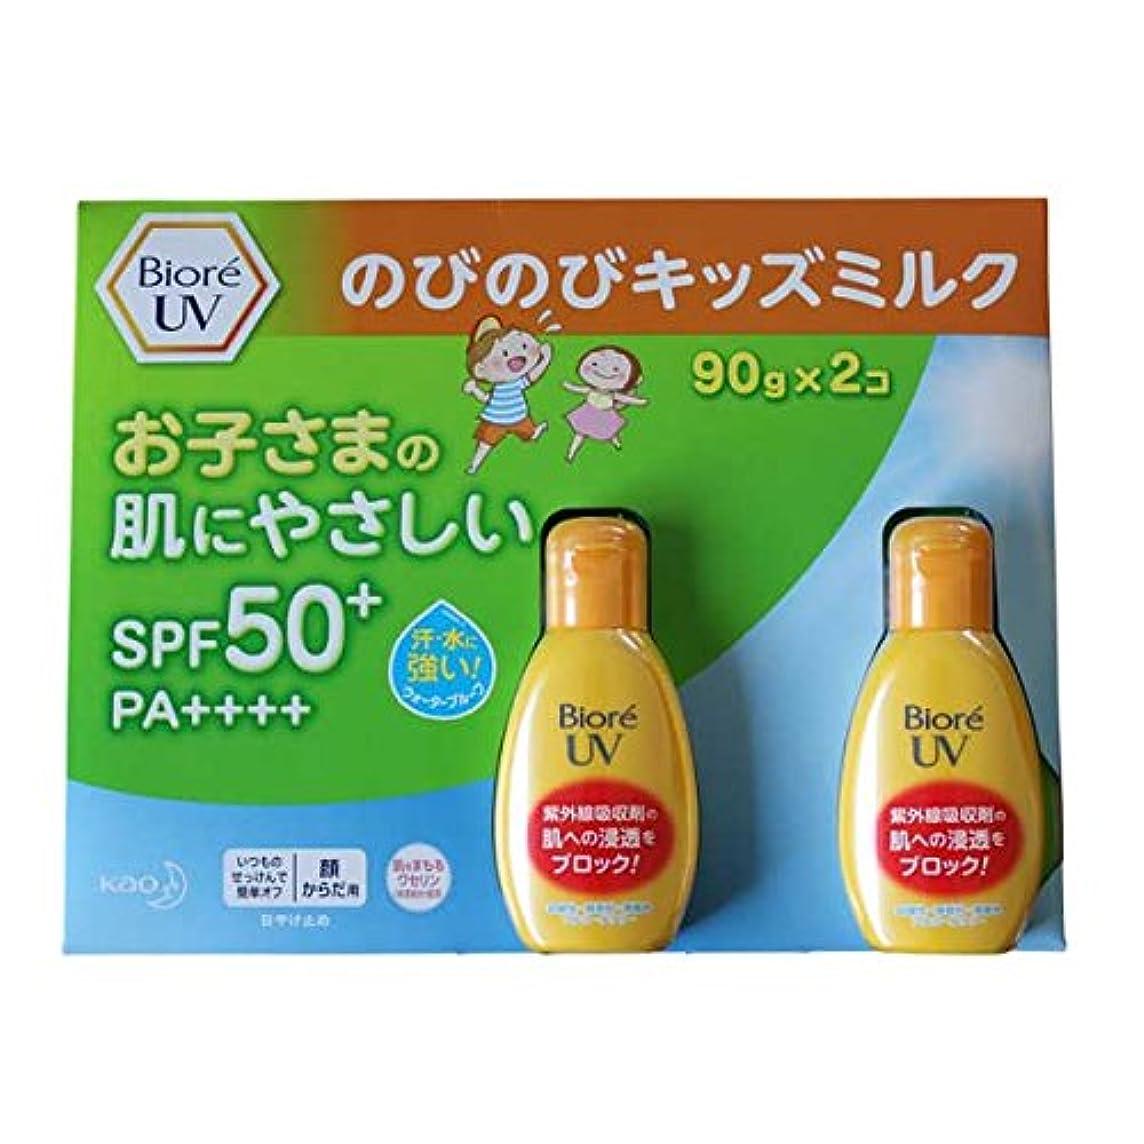 玉じゃない副詞花王 ビオレ UV のびのびキッズミルク 日焼け止め乳液 SPF50+ PA++++ 90gx2本セット 強力紫外線カット